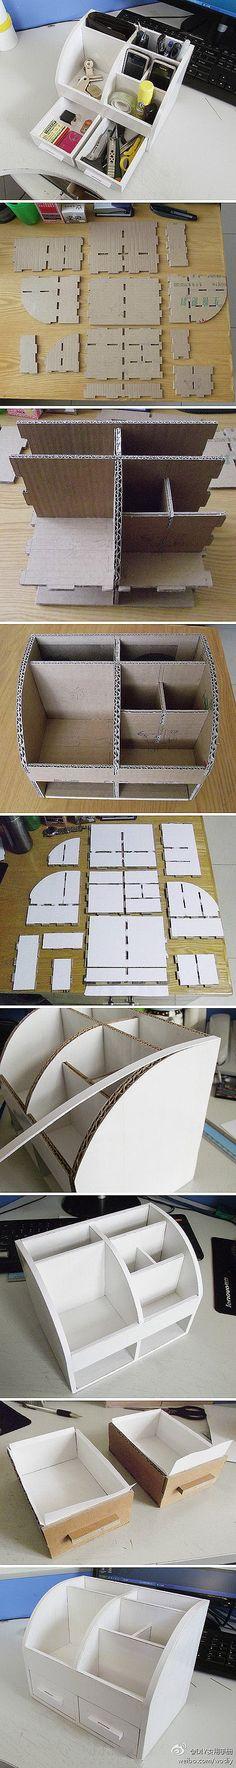 how to make a cardboard desk paper holder